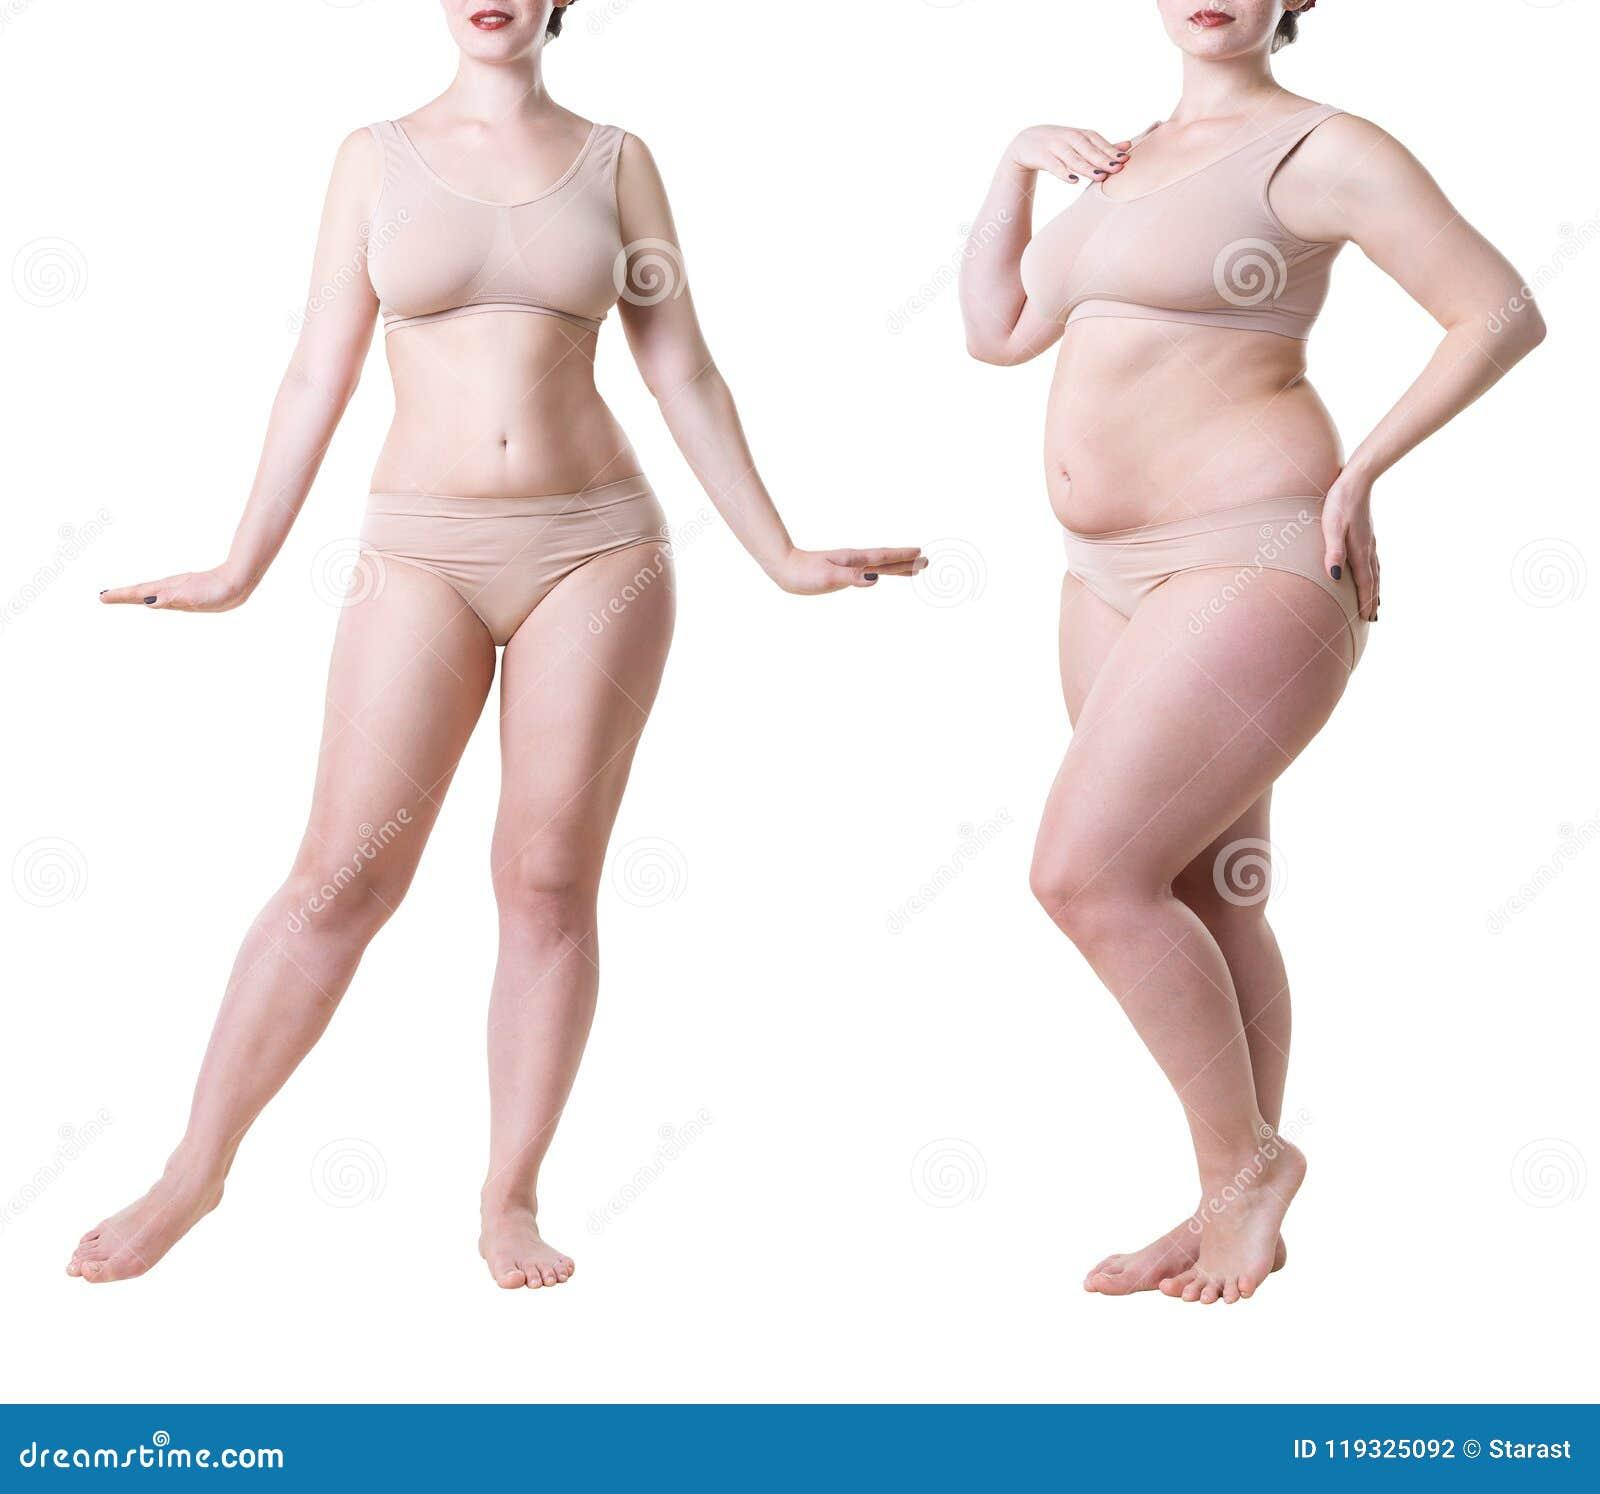 perte de poids au fond mangez votre gâteau et perdez du poids aussi